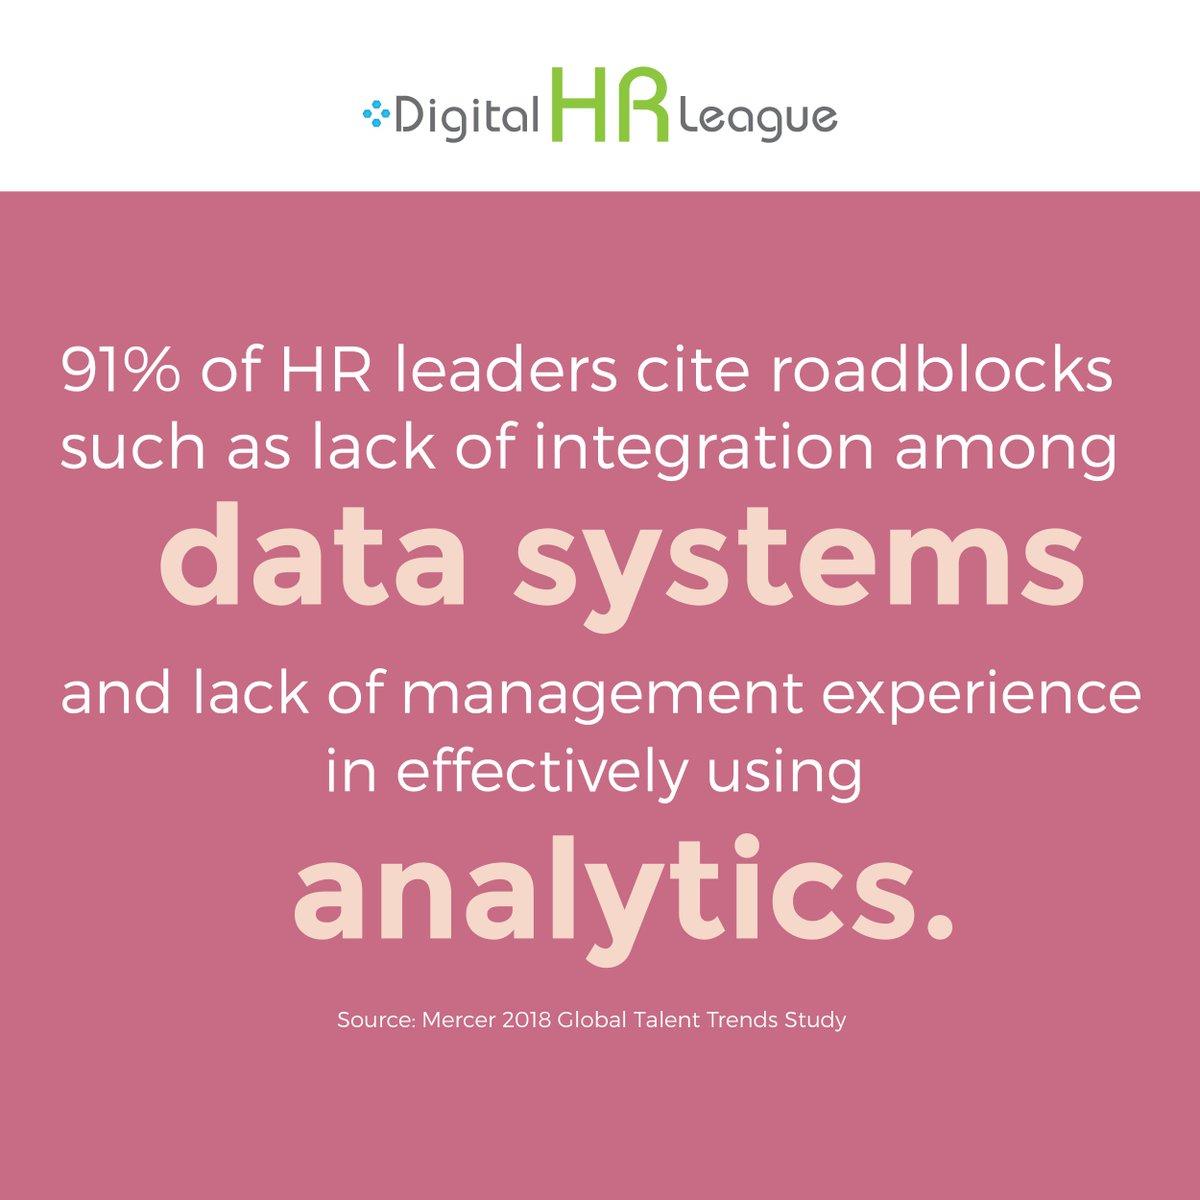 Digital HR League on Twitter: